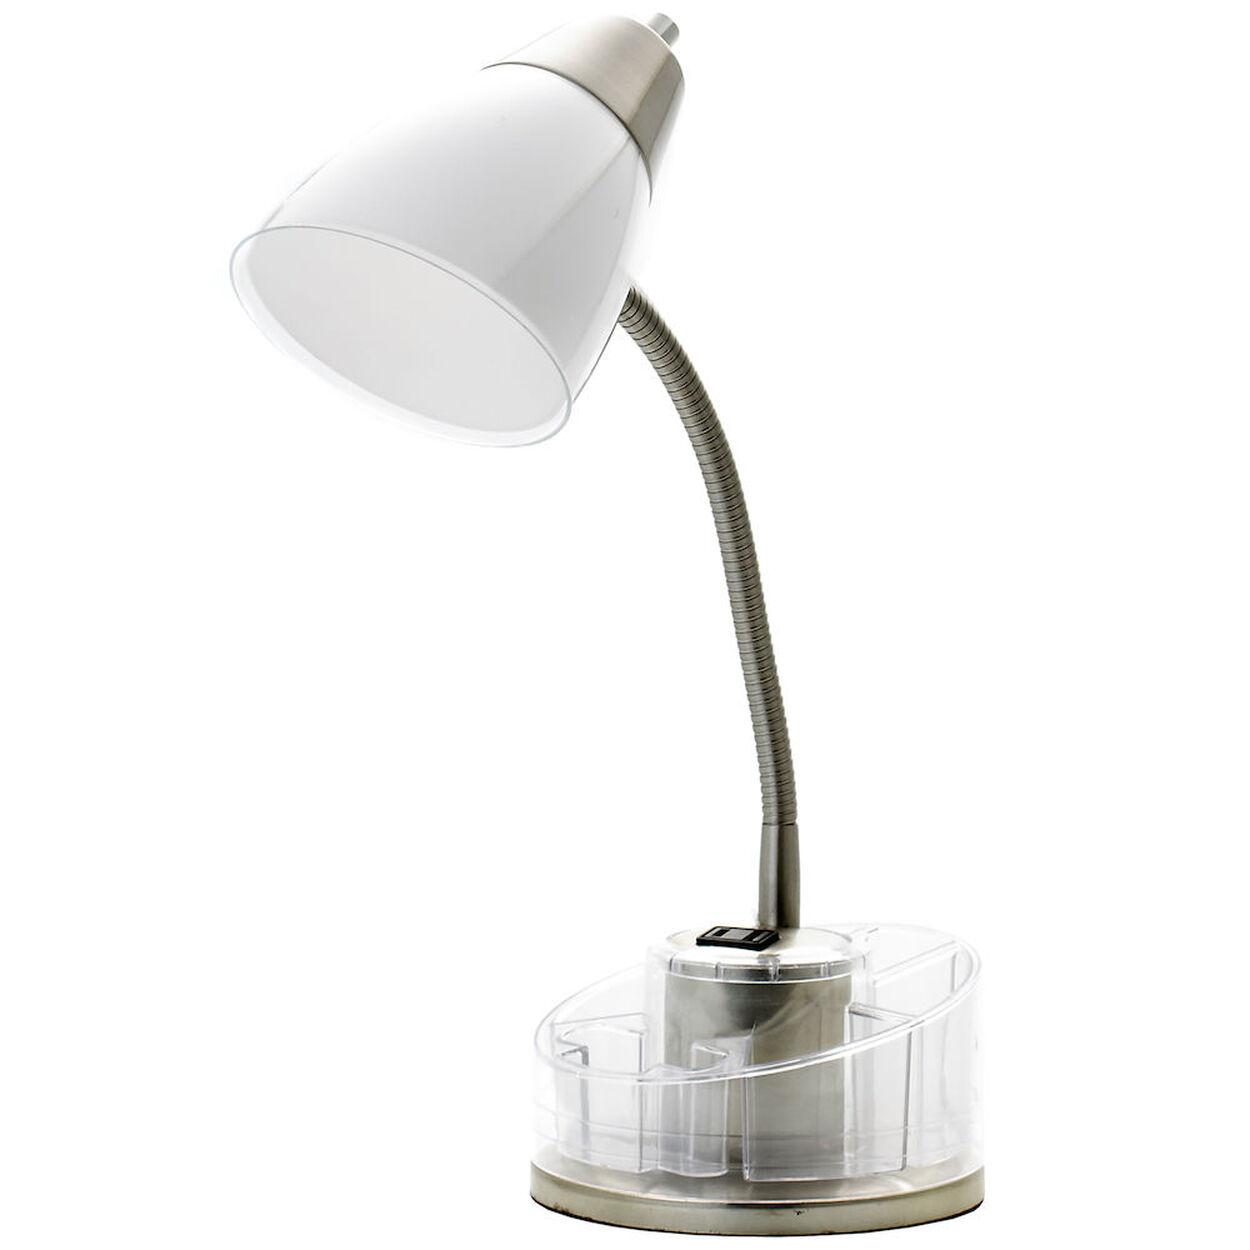 Plastic & Metal Desk Lamp